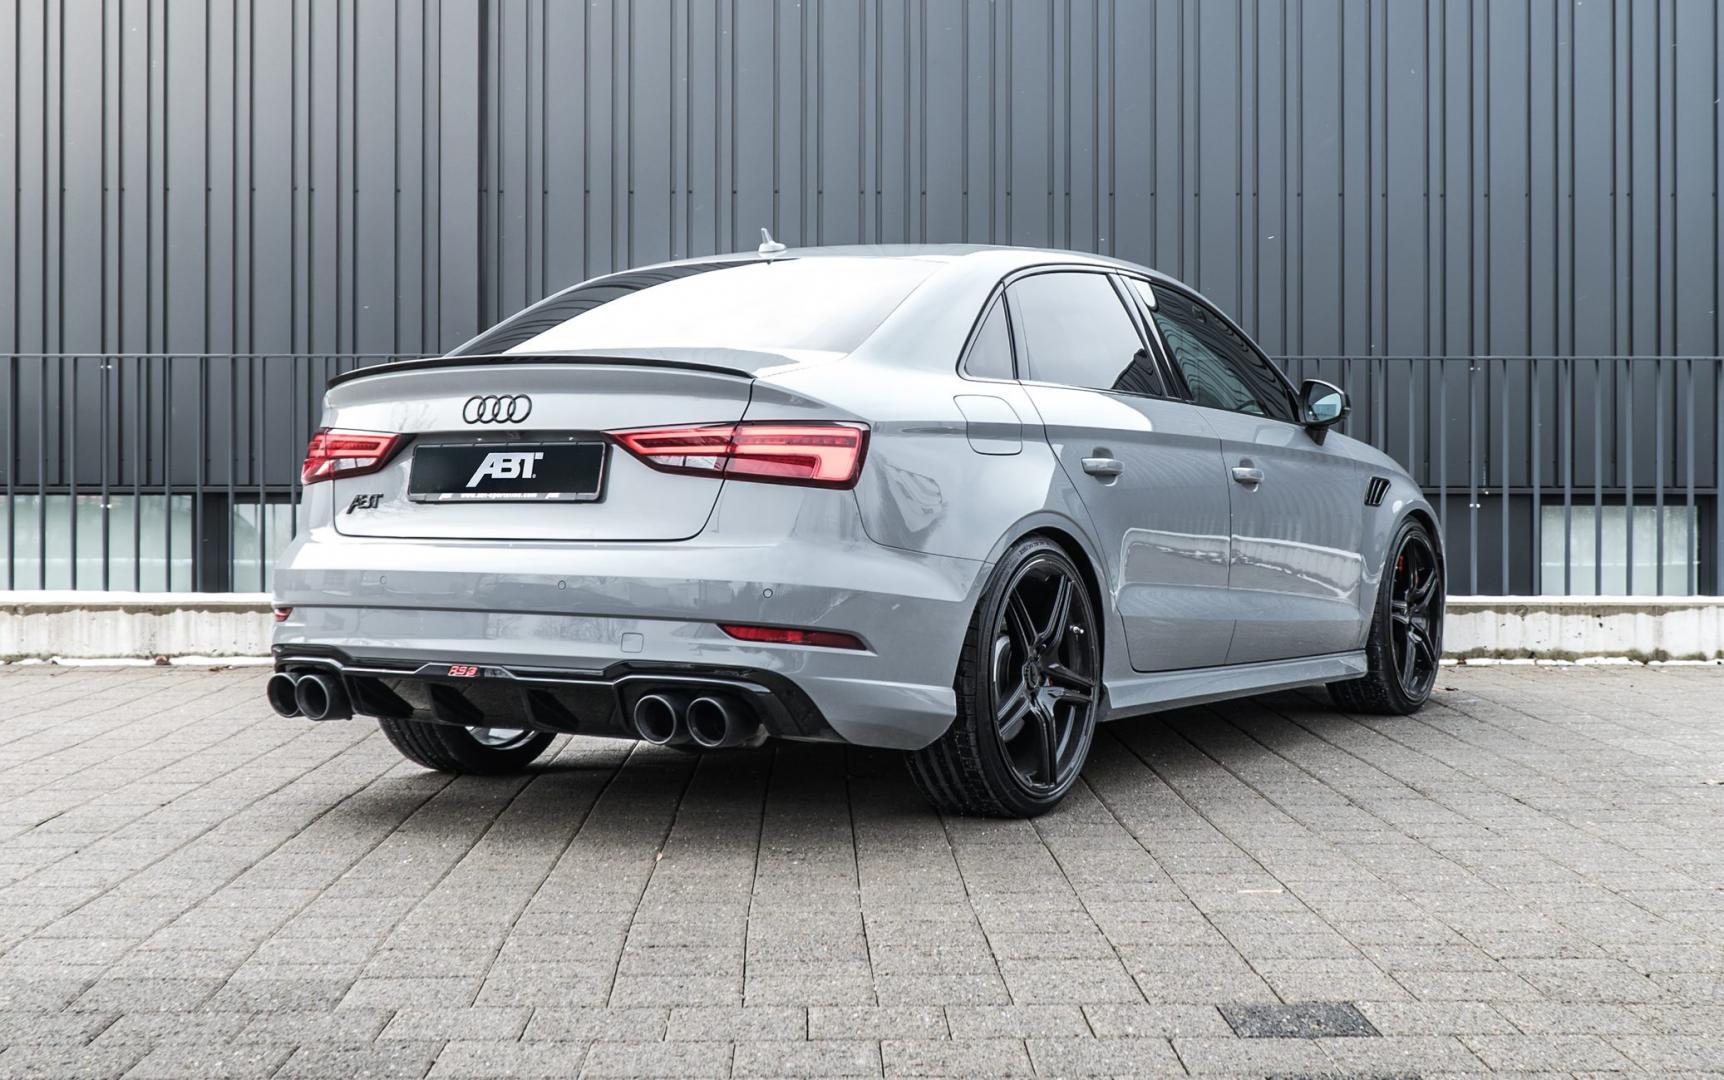 Audi RS 3 'Abt Power R' doet 500 pk - TopGear Nederland